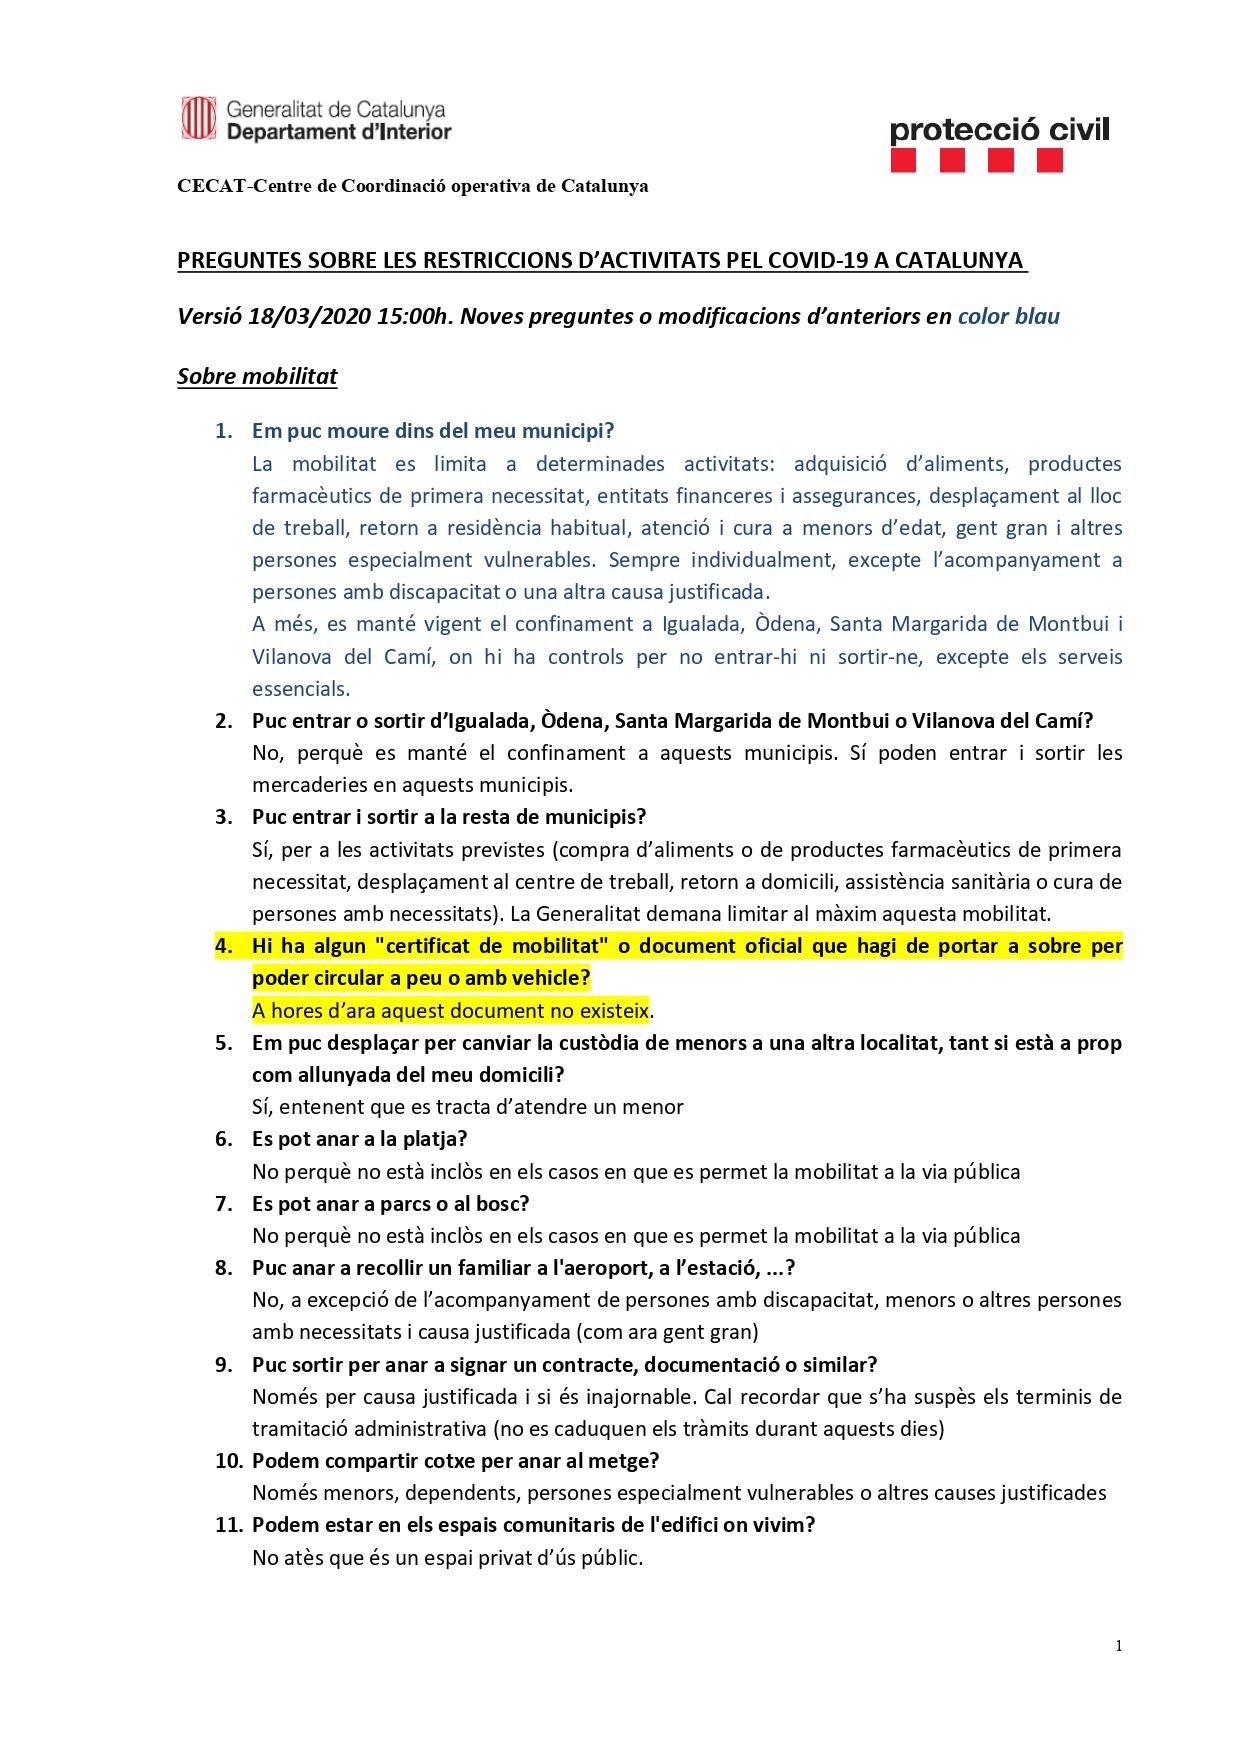 Preguntes freqüents sobre el coronavirus Covid-19. Què puc fer i què no? Versió 18-03-20 | 15h